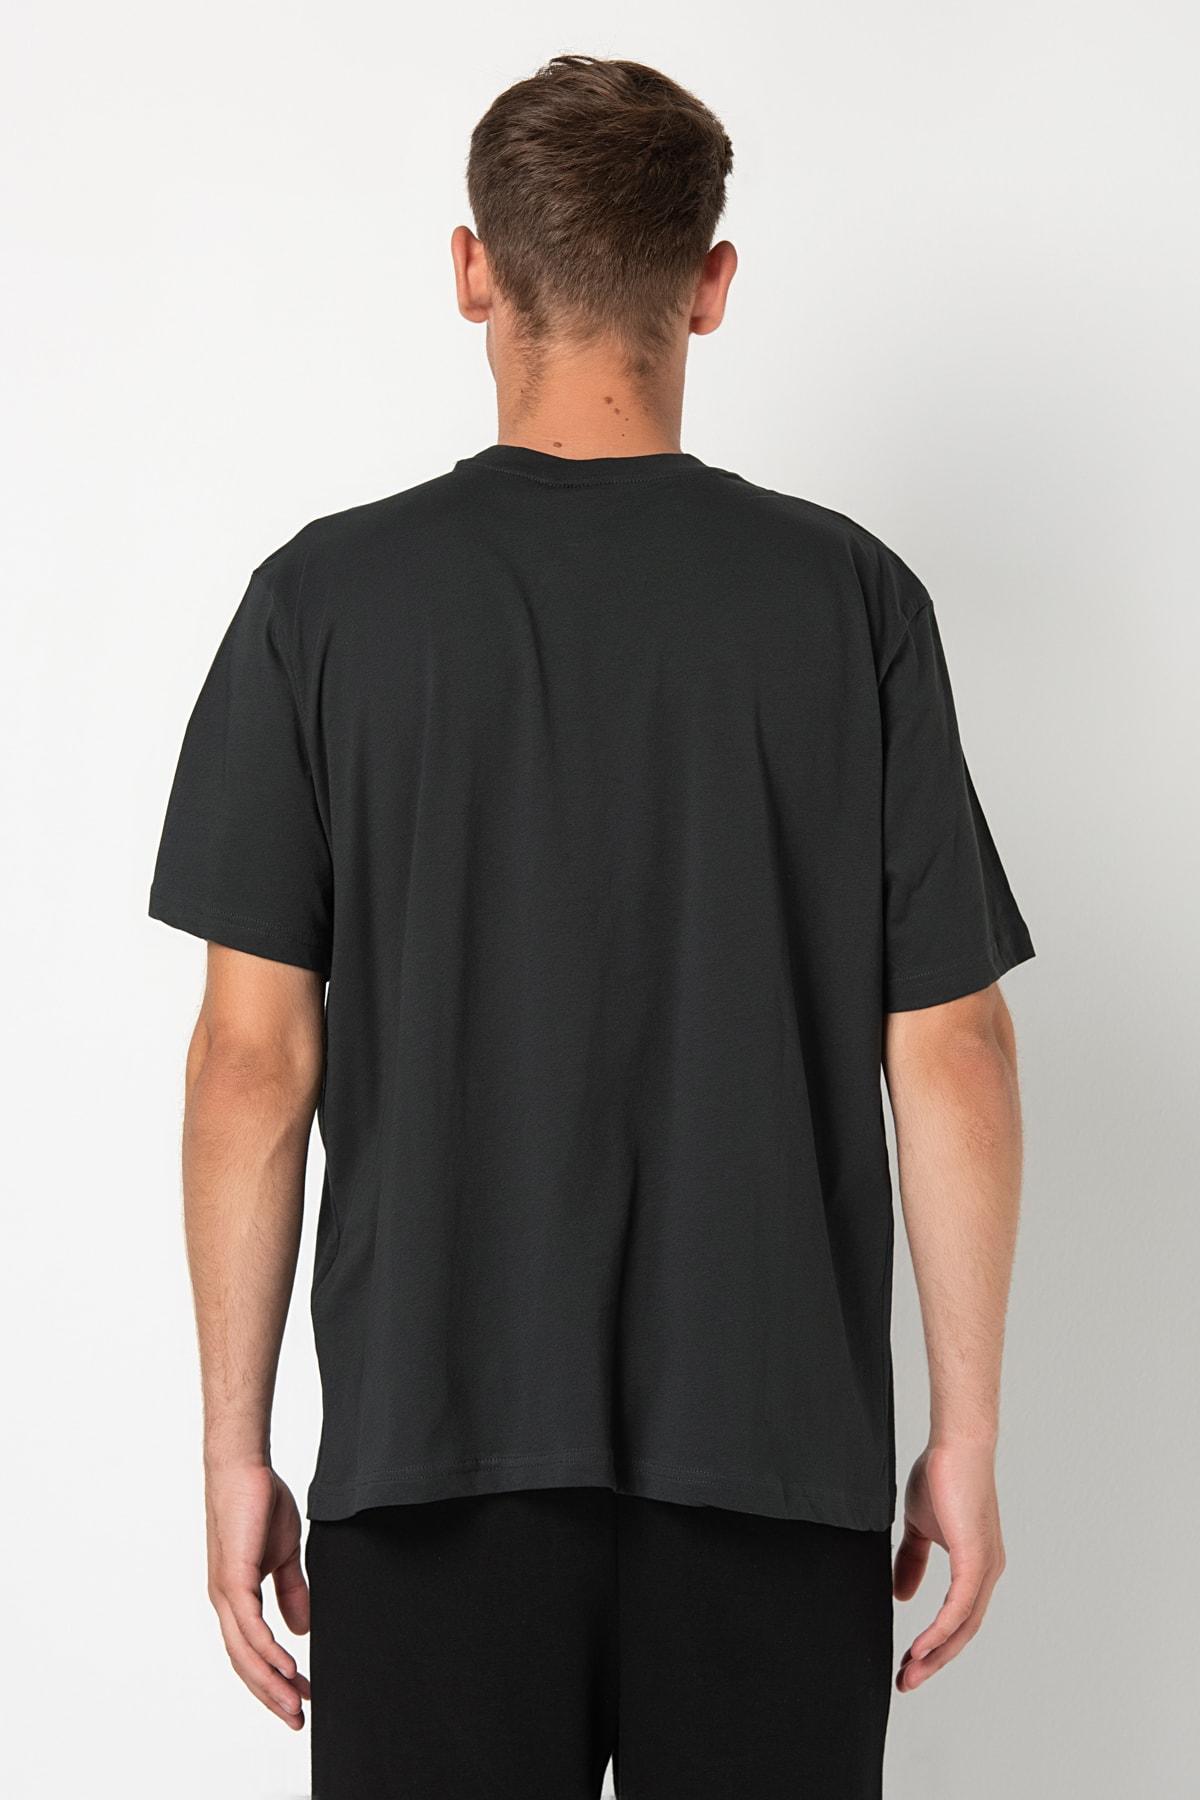 HUMMEL Erkek T-Shirt - Hmlyivianno  T-Shirt S/S Tee 2